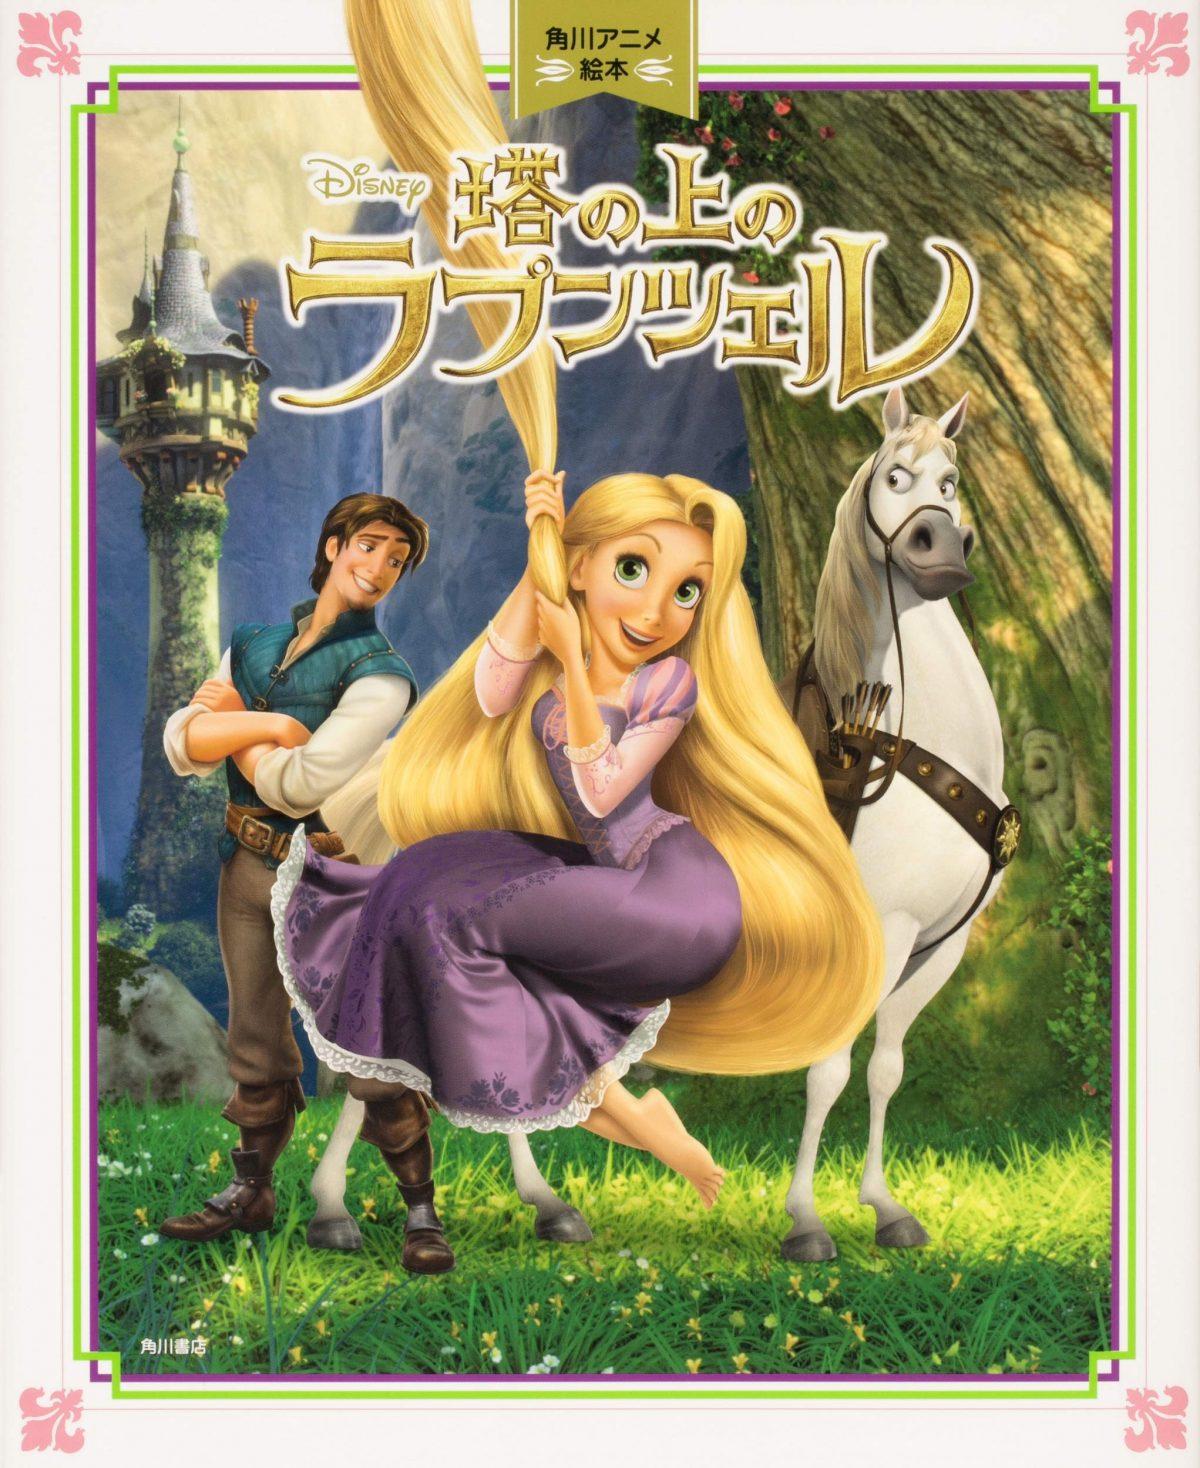 絵本「角川アニメ絵本 塔の上のラプンツェル」の表紙